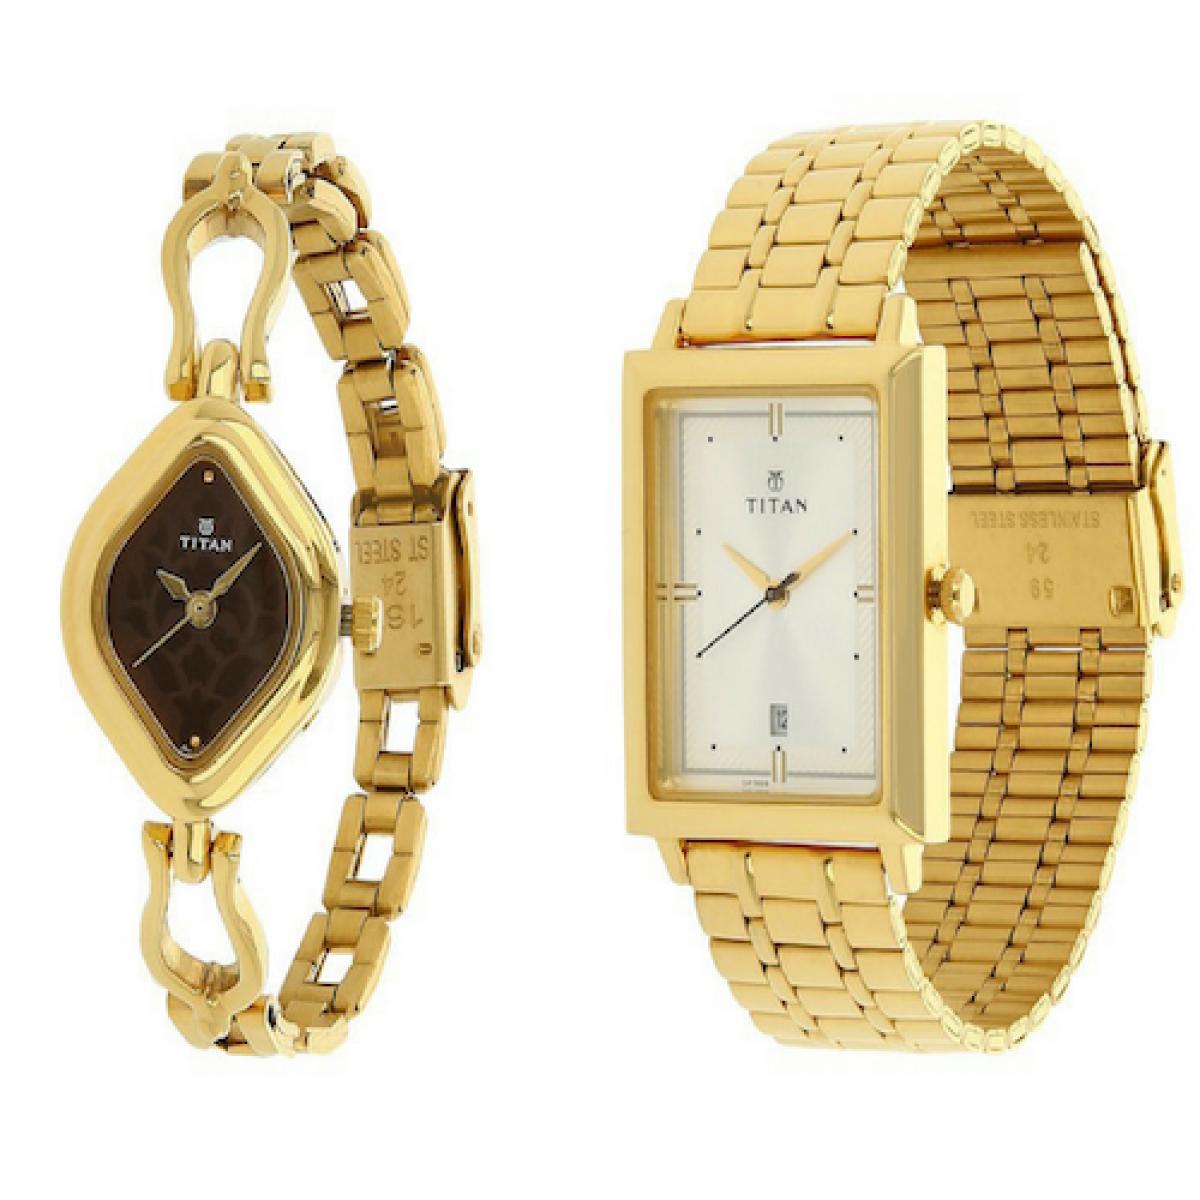 titan watches for women gold wwwpixsharkcom images